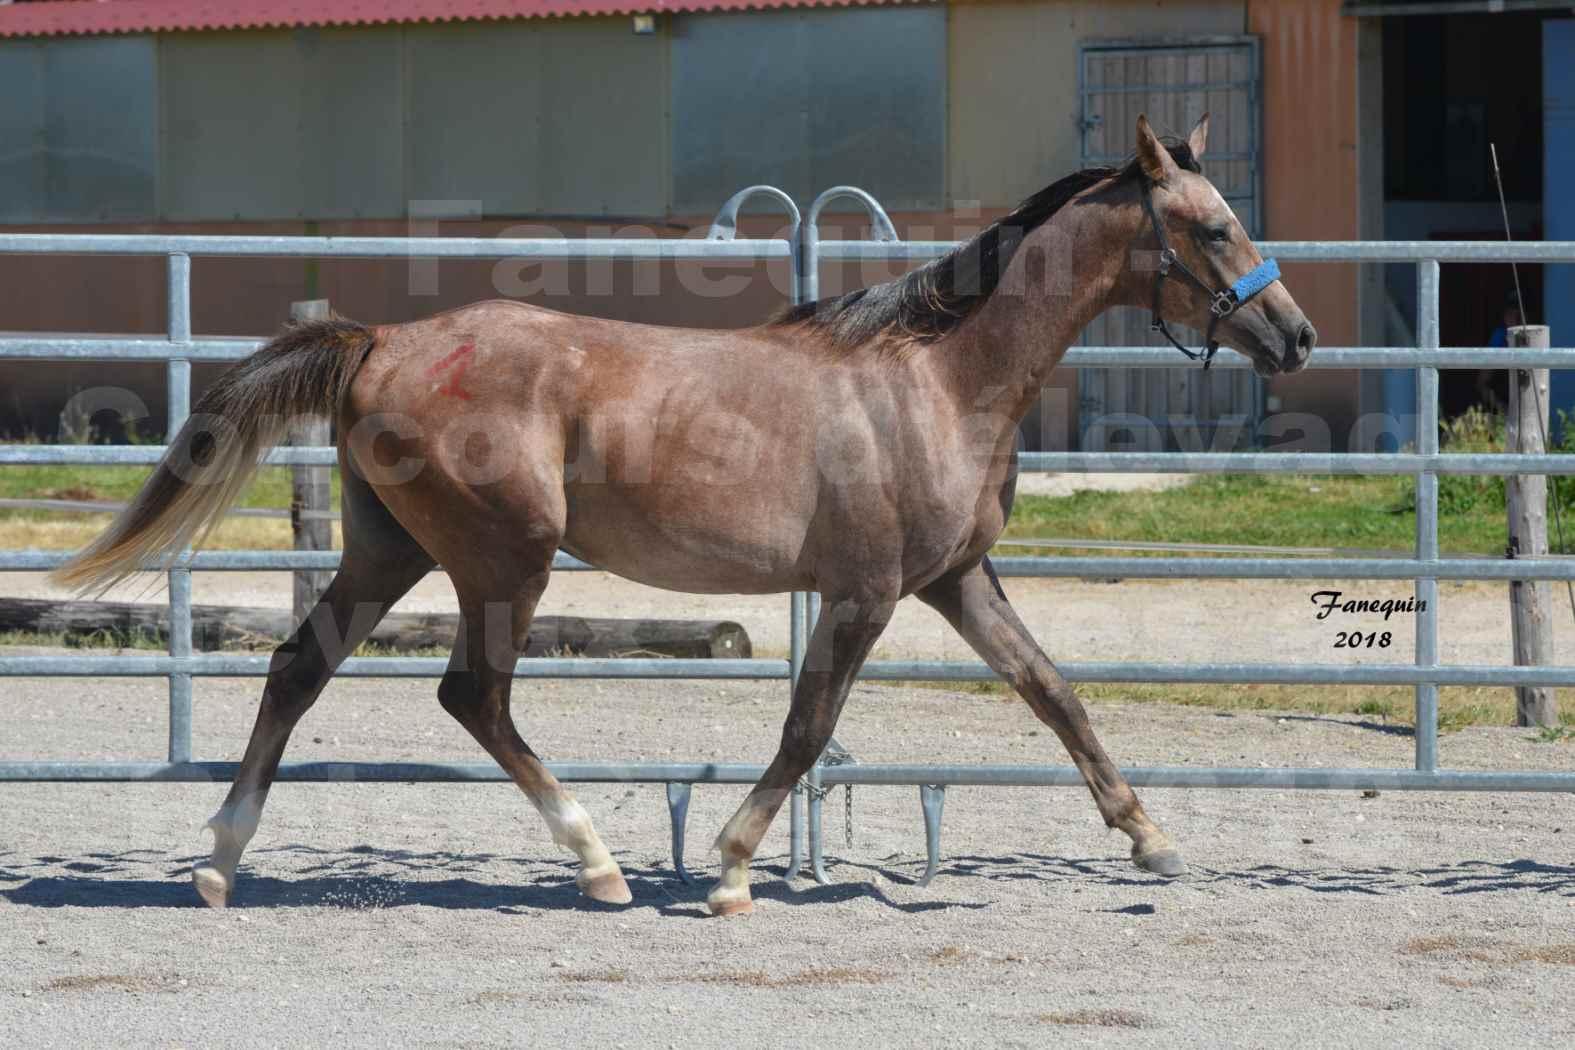 Concours d'Elevage de chevaux Arabes  le 27 juin 2018 à la BOISSIERE - FOXTROT FONT NOIRE - 04